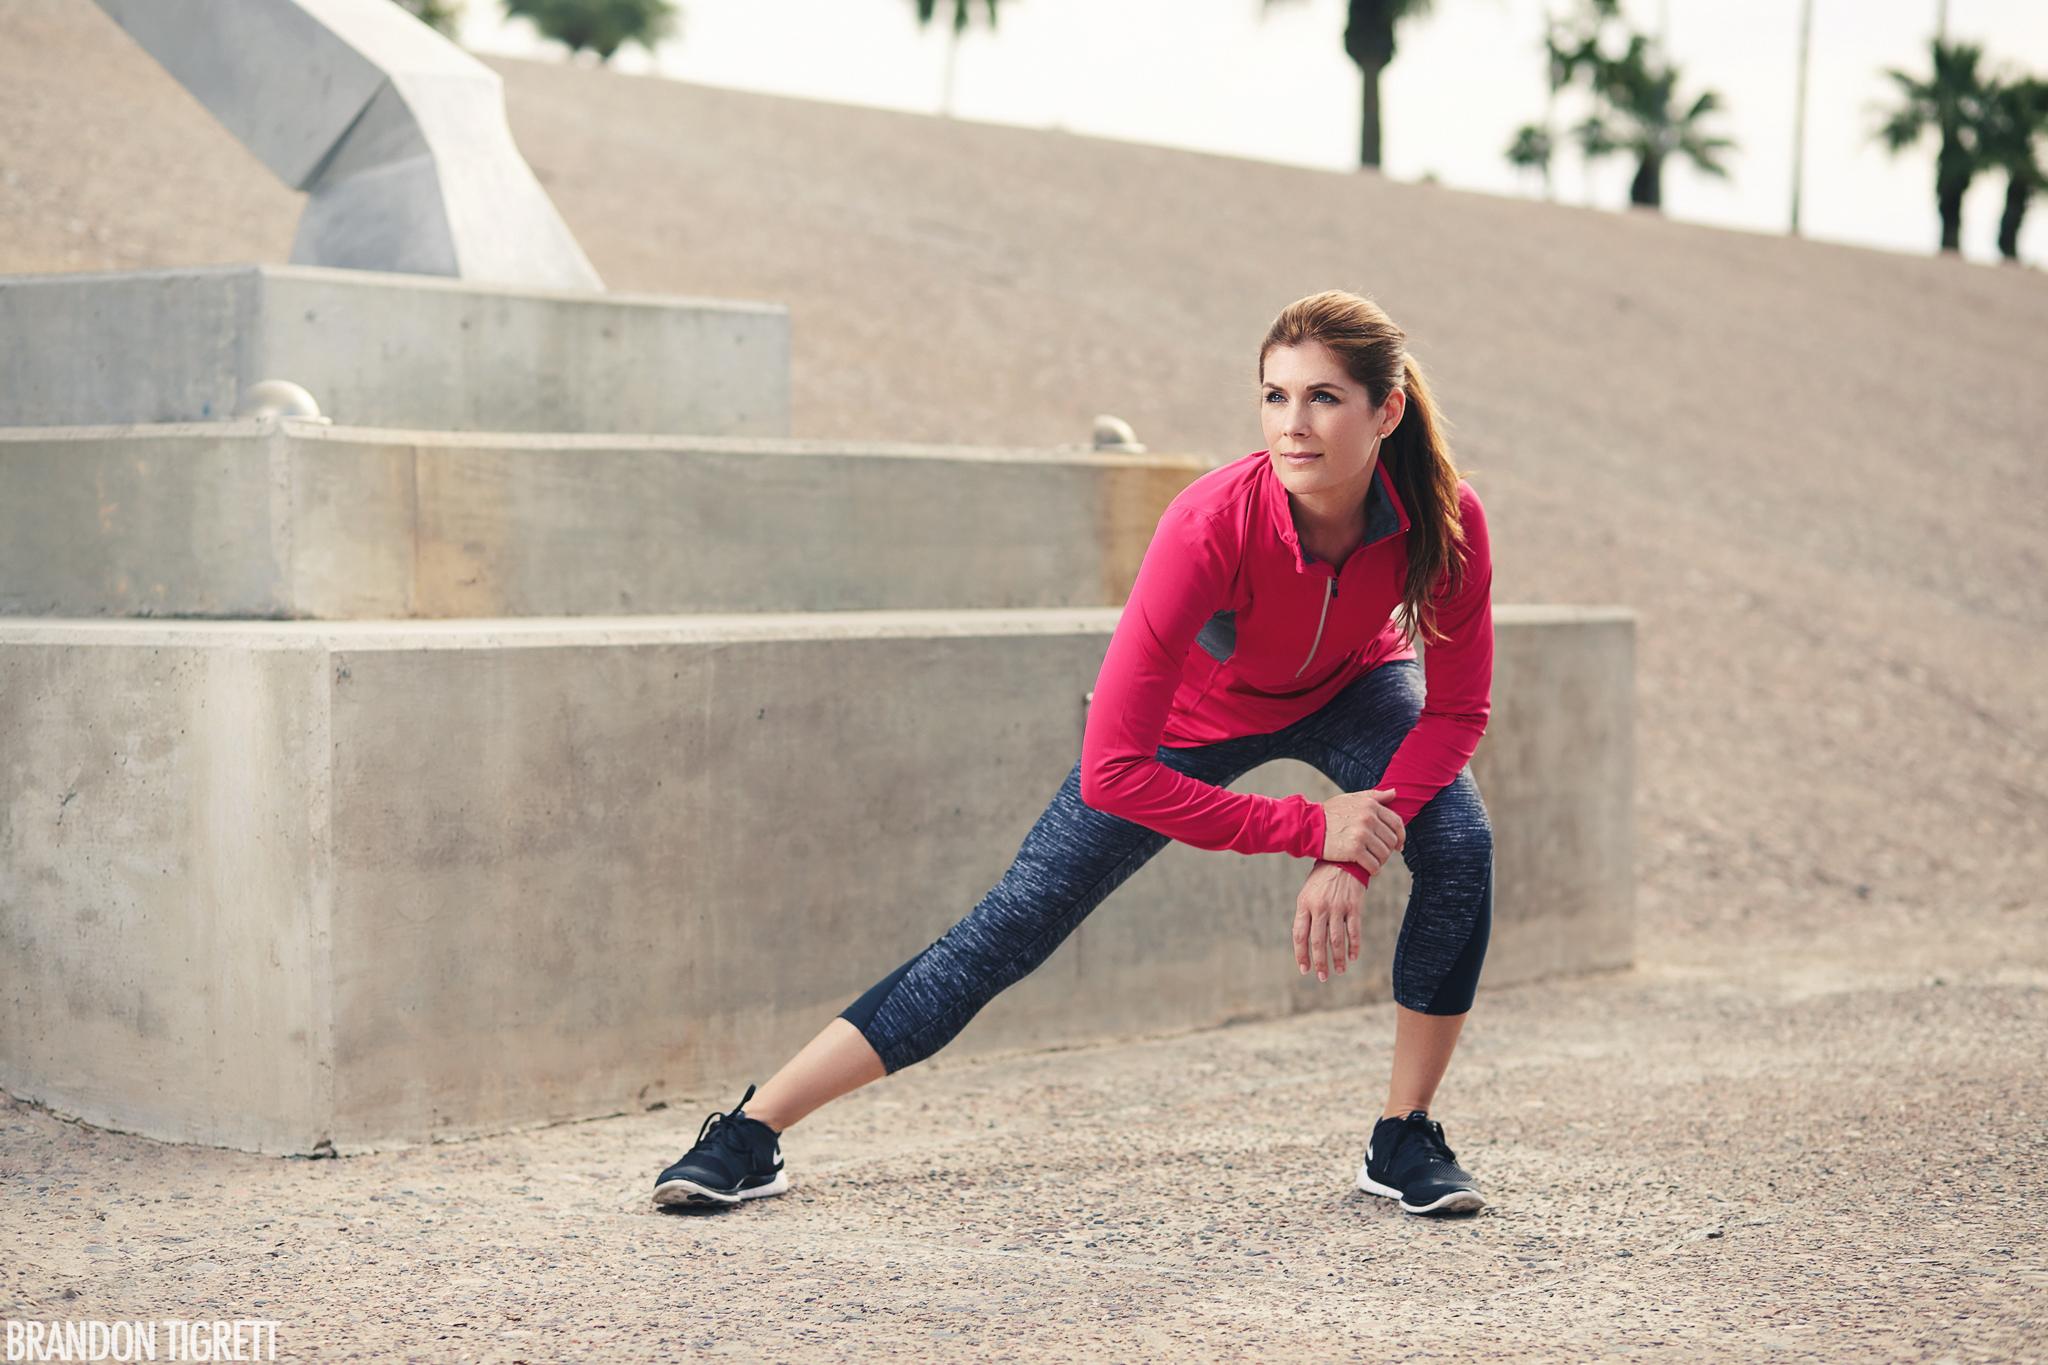 Nike Lifestyle Fitness Model - Julie Stevens